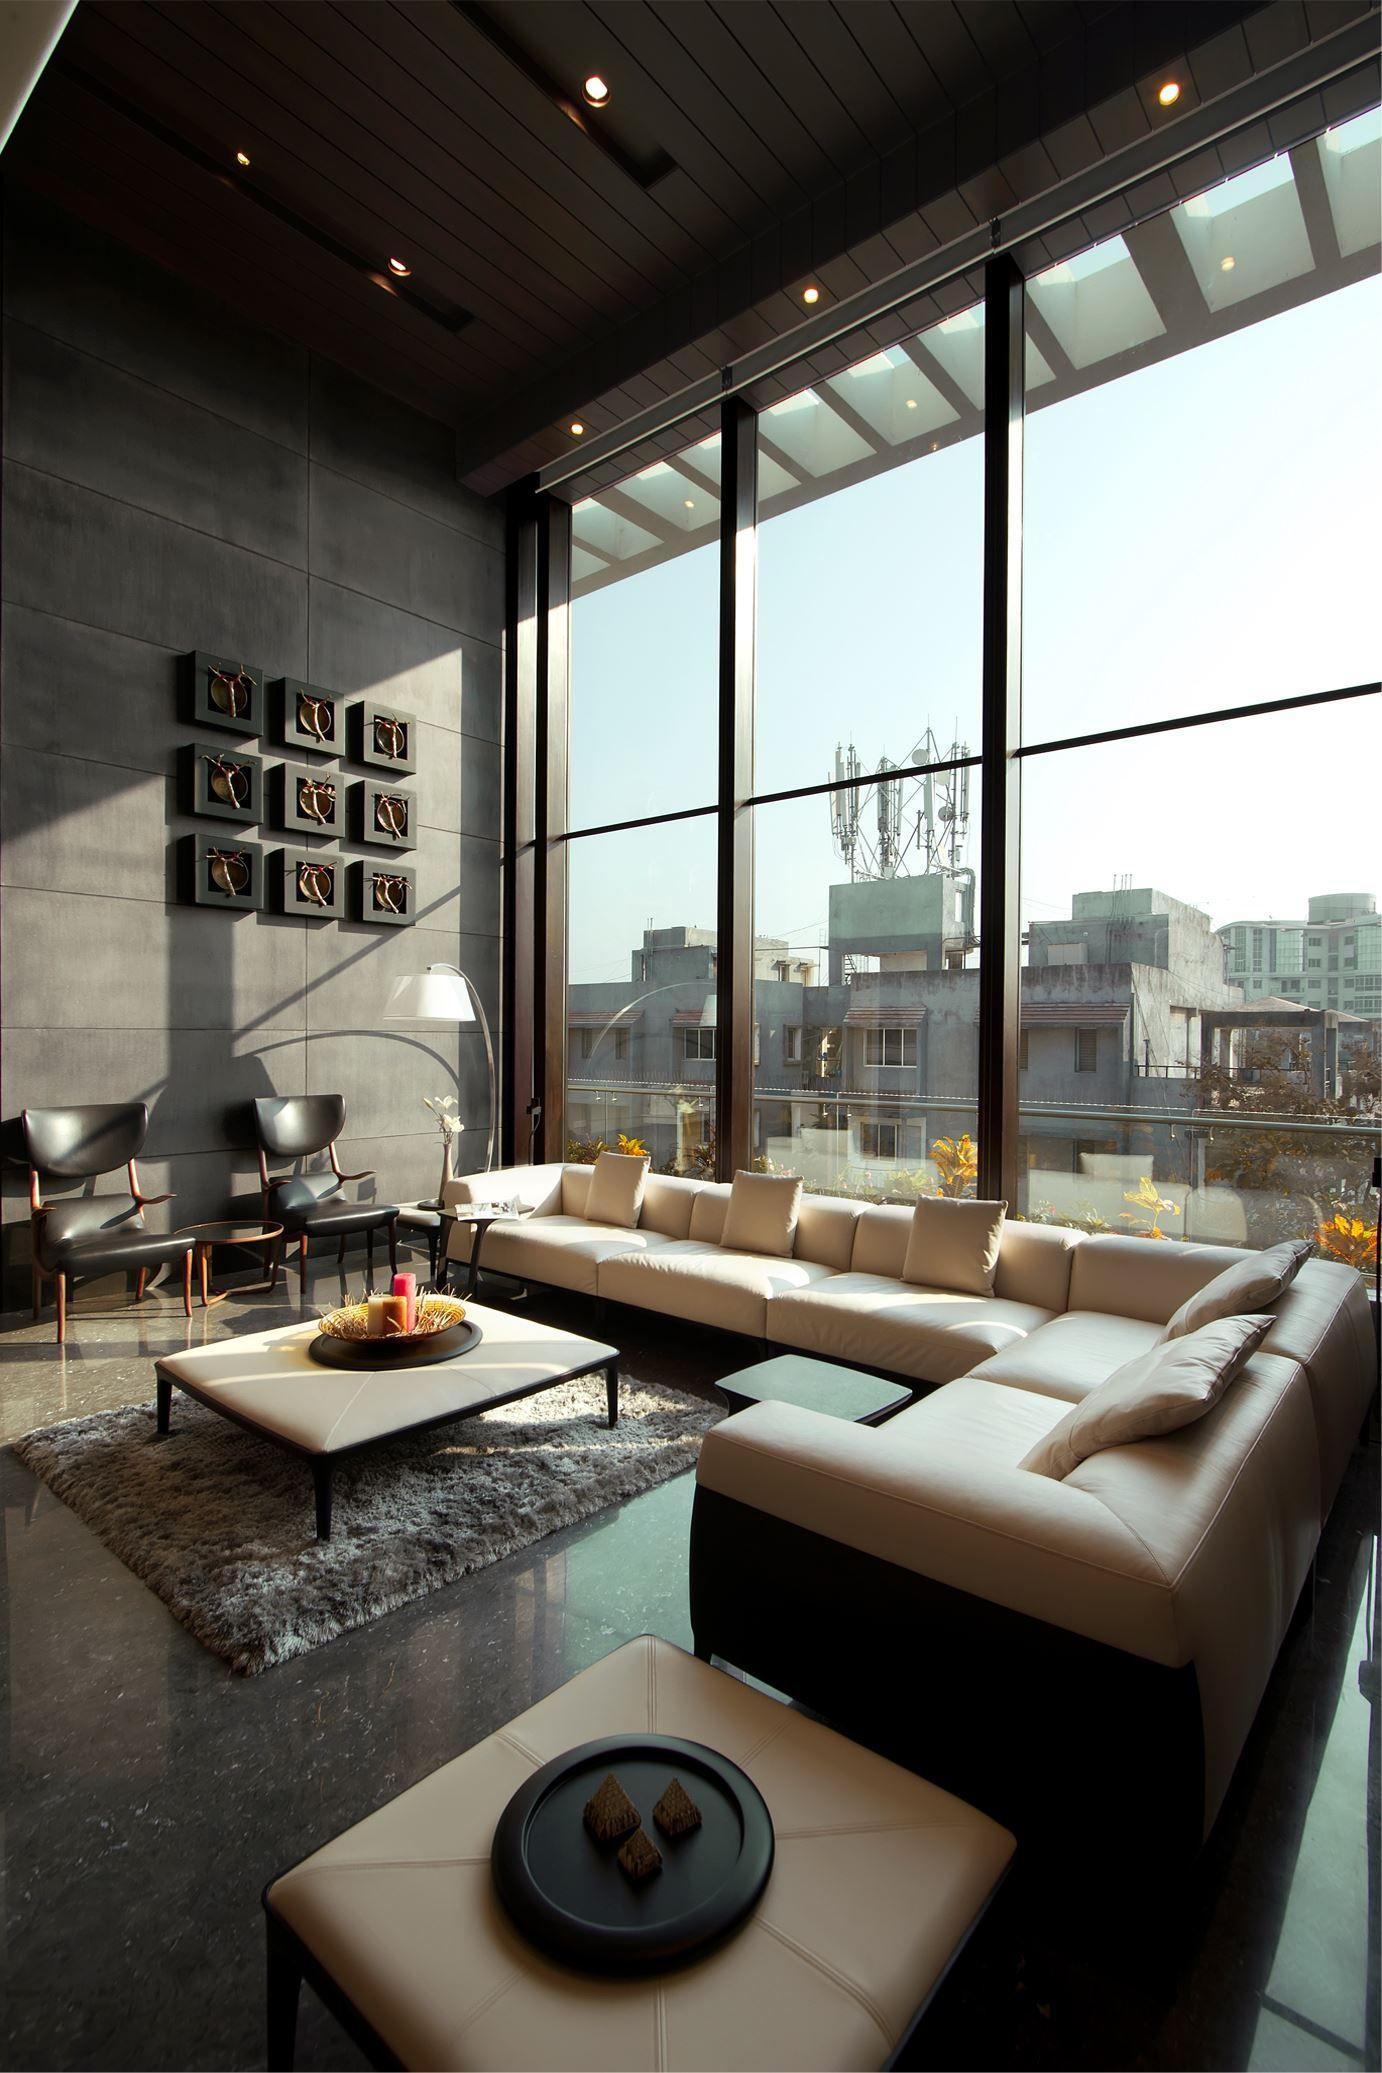 Penthouse interior design | Decoraciones de casa, Mapas y Casas